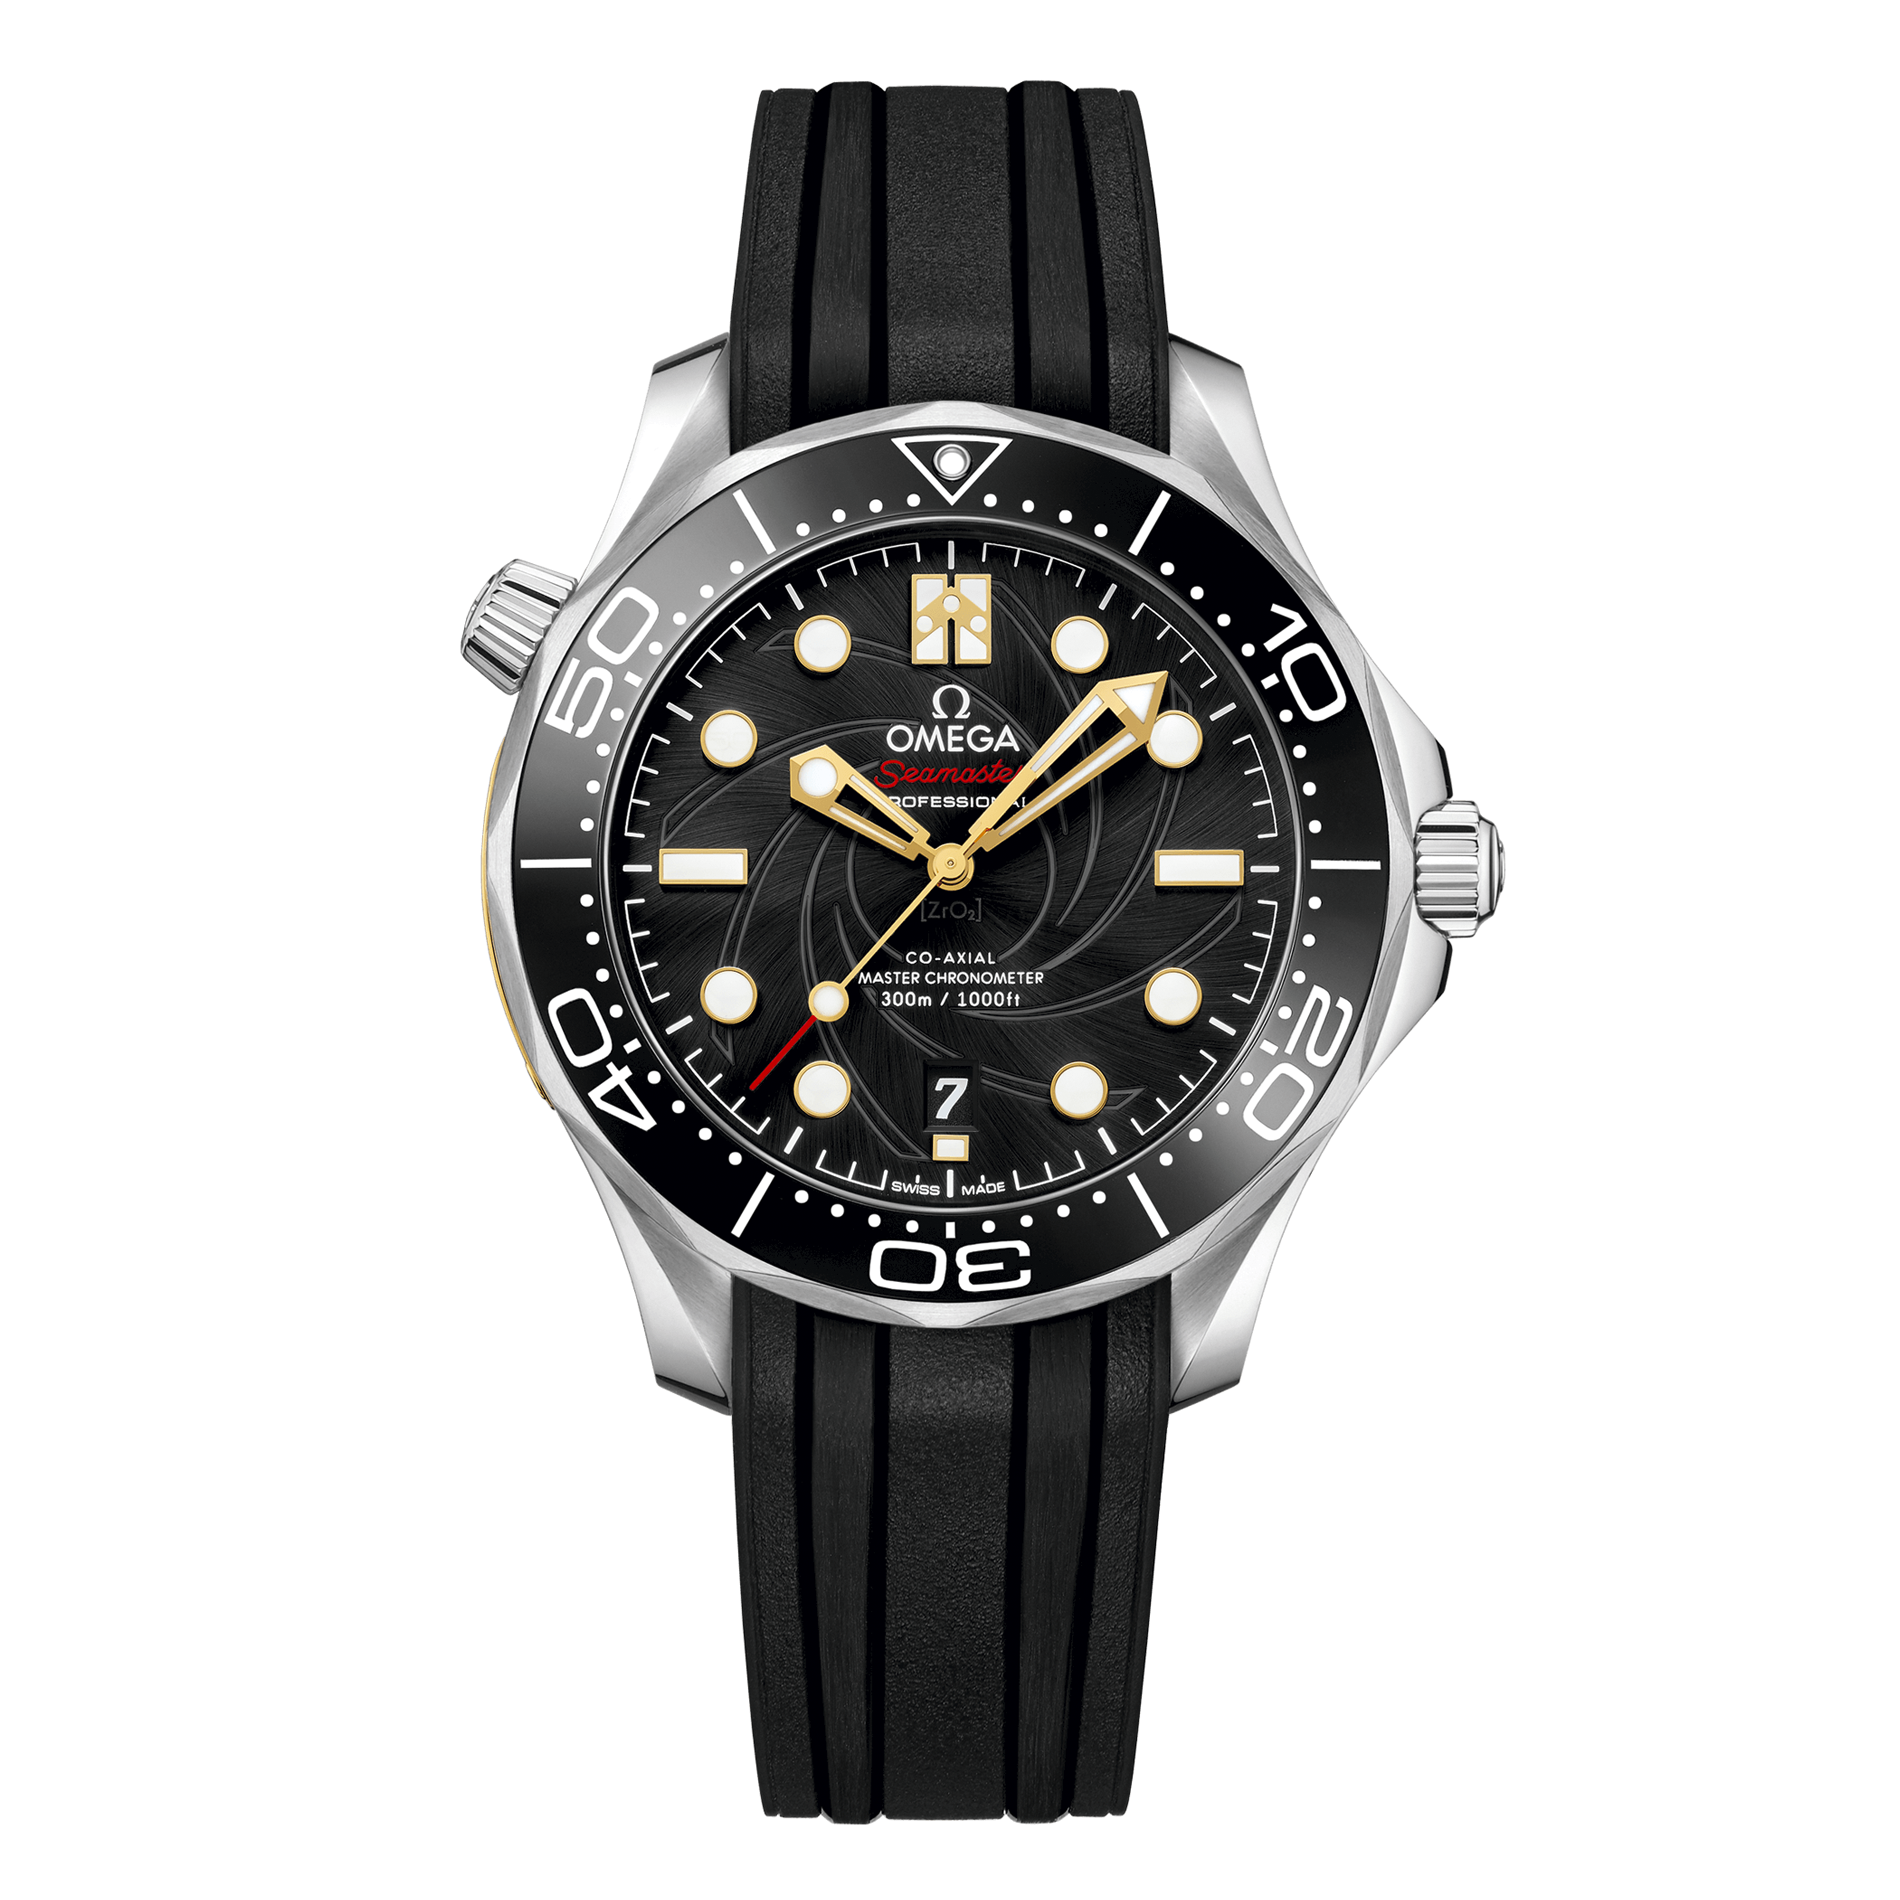 Reloj Omega – Diver 300M CoAxial Master Chronometer 42 «James Bond» Edición Limitada - Amaya Joyeros